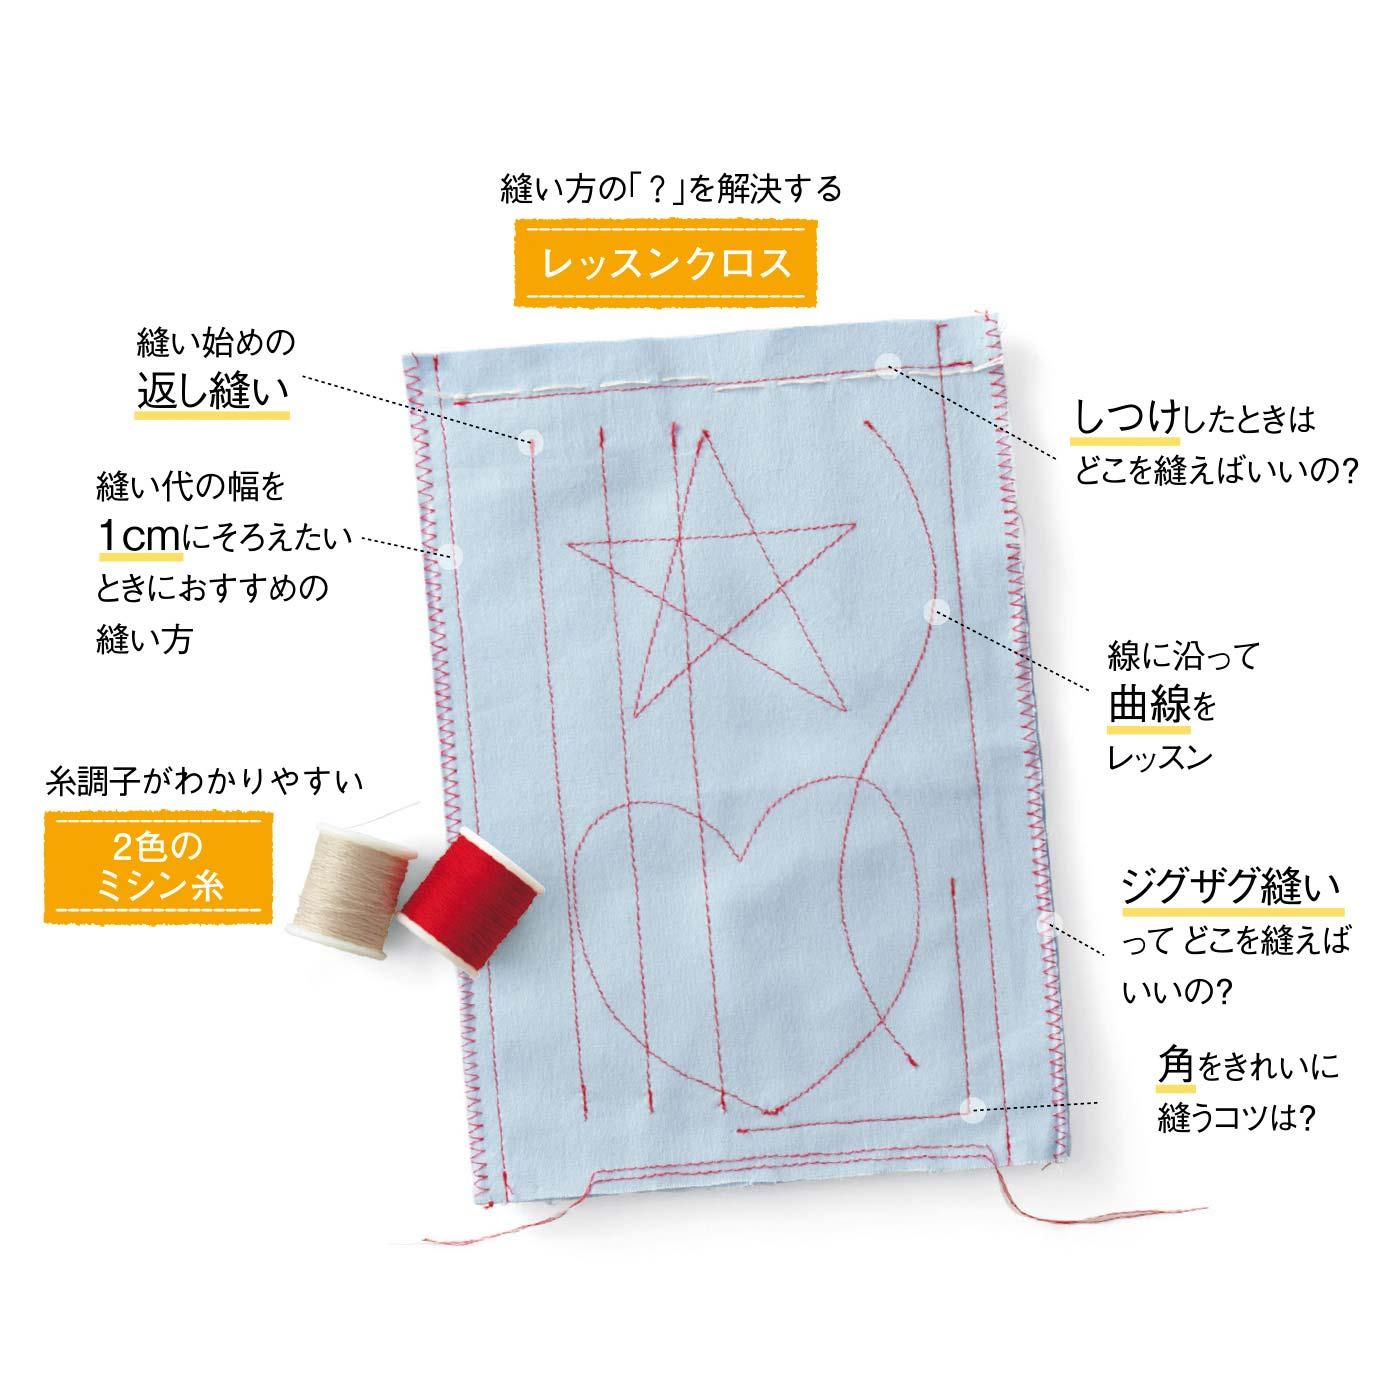 最初のお届けにはレッスンクロスと2色のミシン糸もセットに。